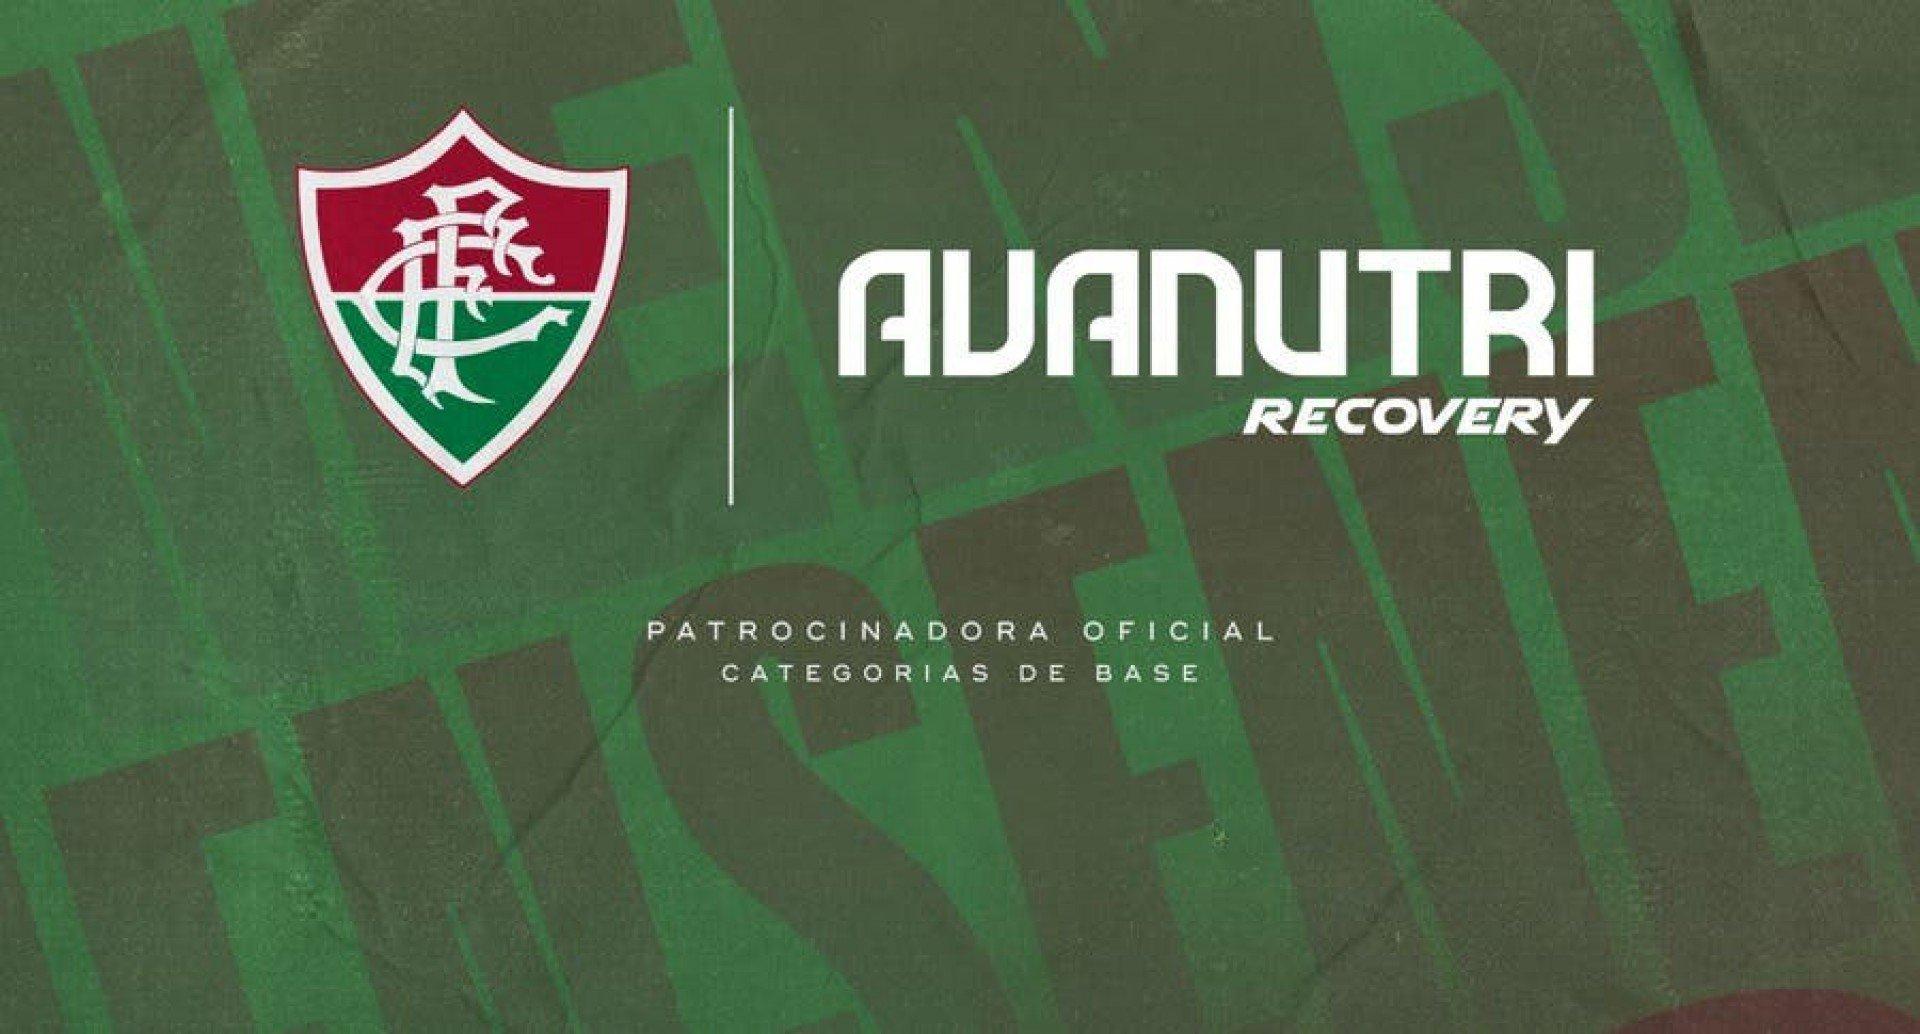 Fluminense anuncia novo patrocinador